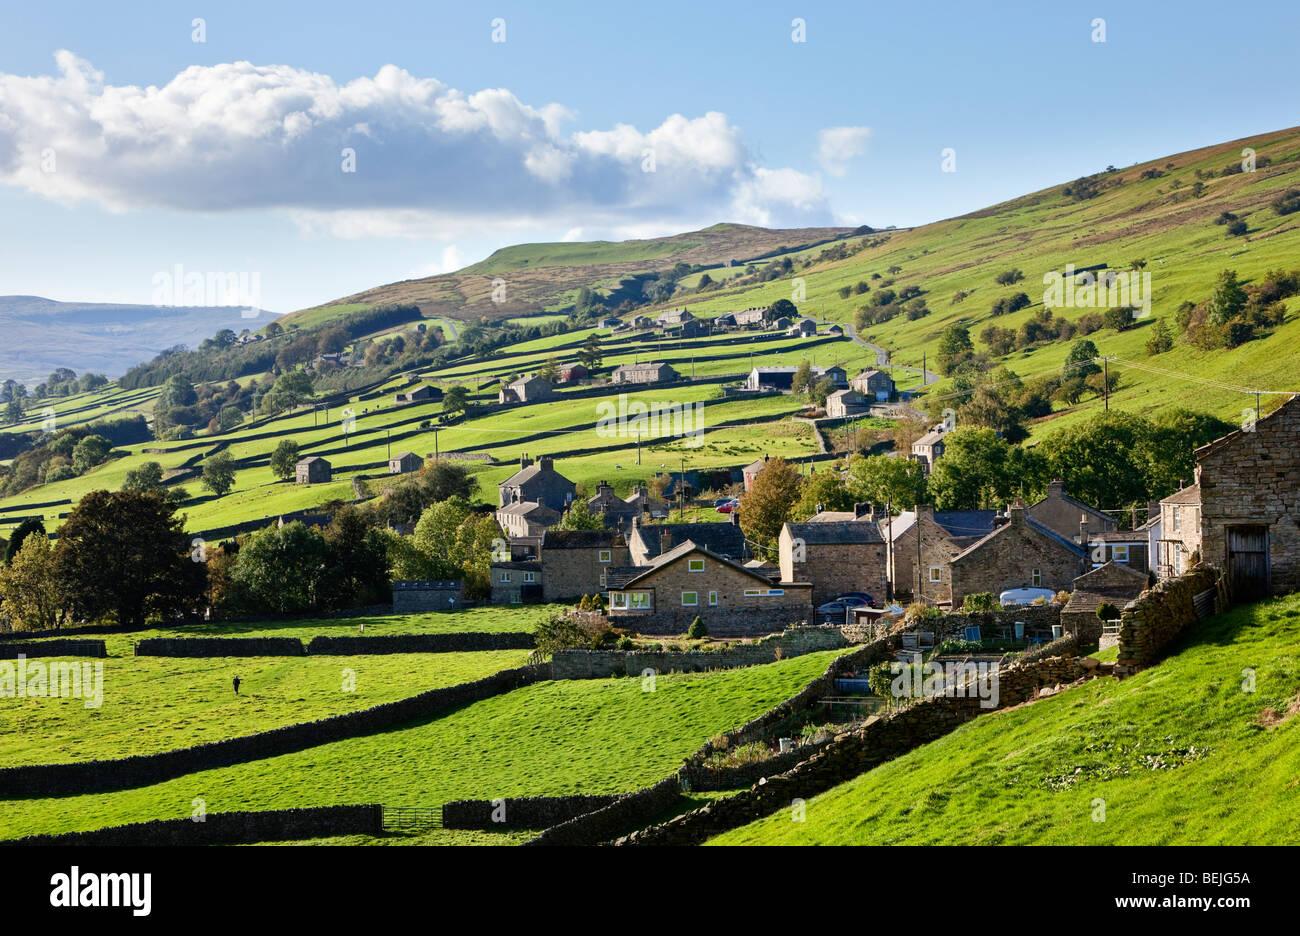 Yorkshire Dales villaggio di Gunnerside in Swaledale, Inghilterra, North Yorkshire, campagna inglese, REGNO UNITO Immagini Stock